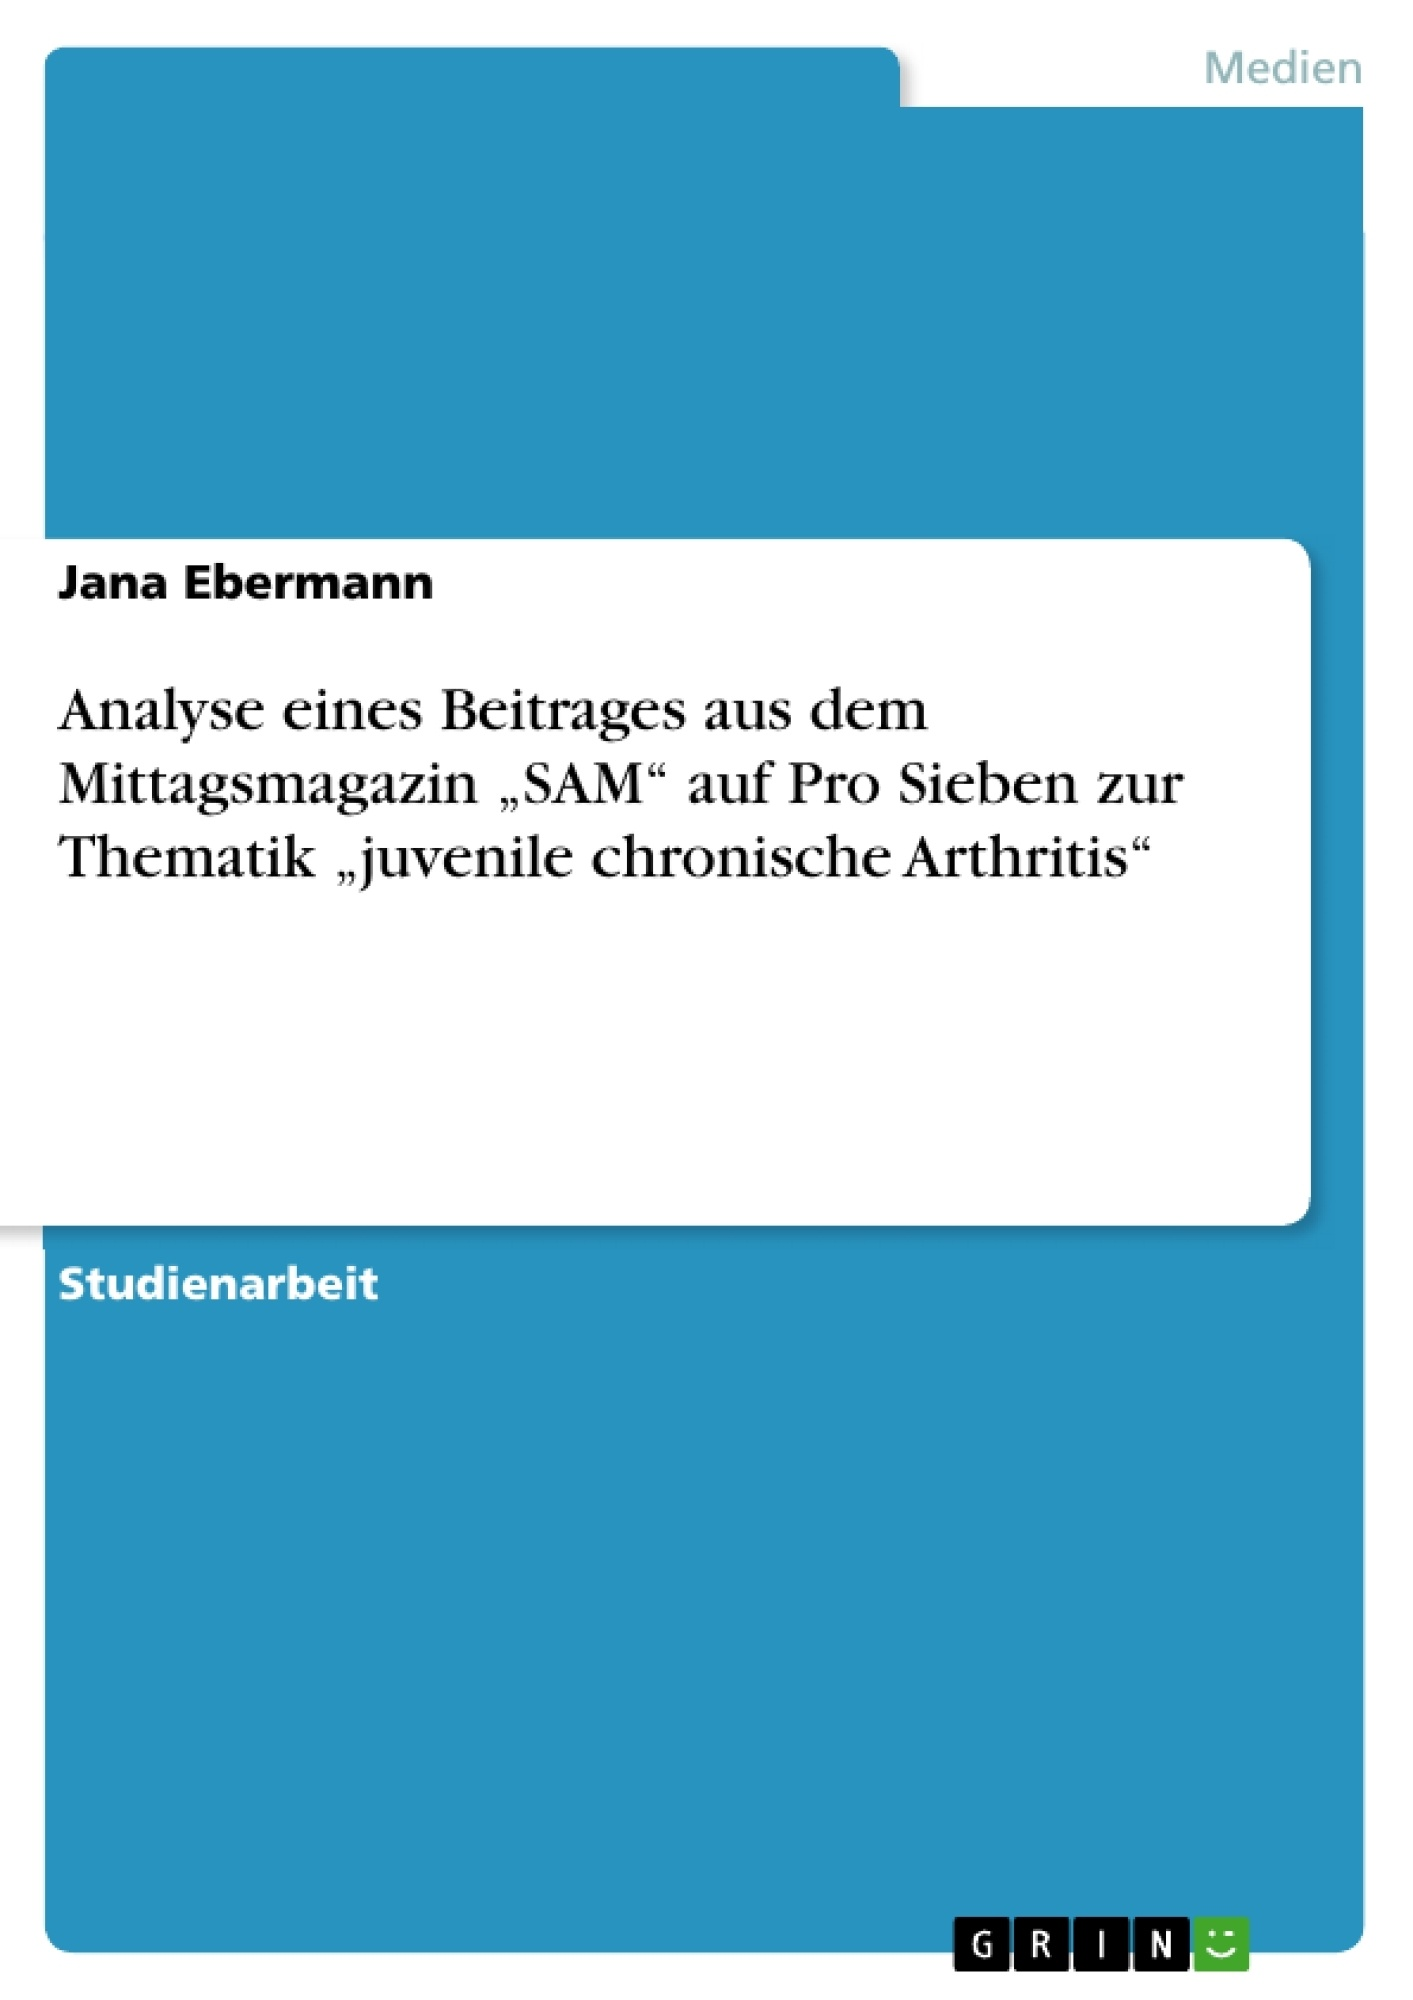 """Titel: Analyse eines Beitrages aus dem Mittagsmagazin """"SAM"""" auf Pro Sieben zur Thematik """"juvenile chronische Arthritis"""""""